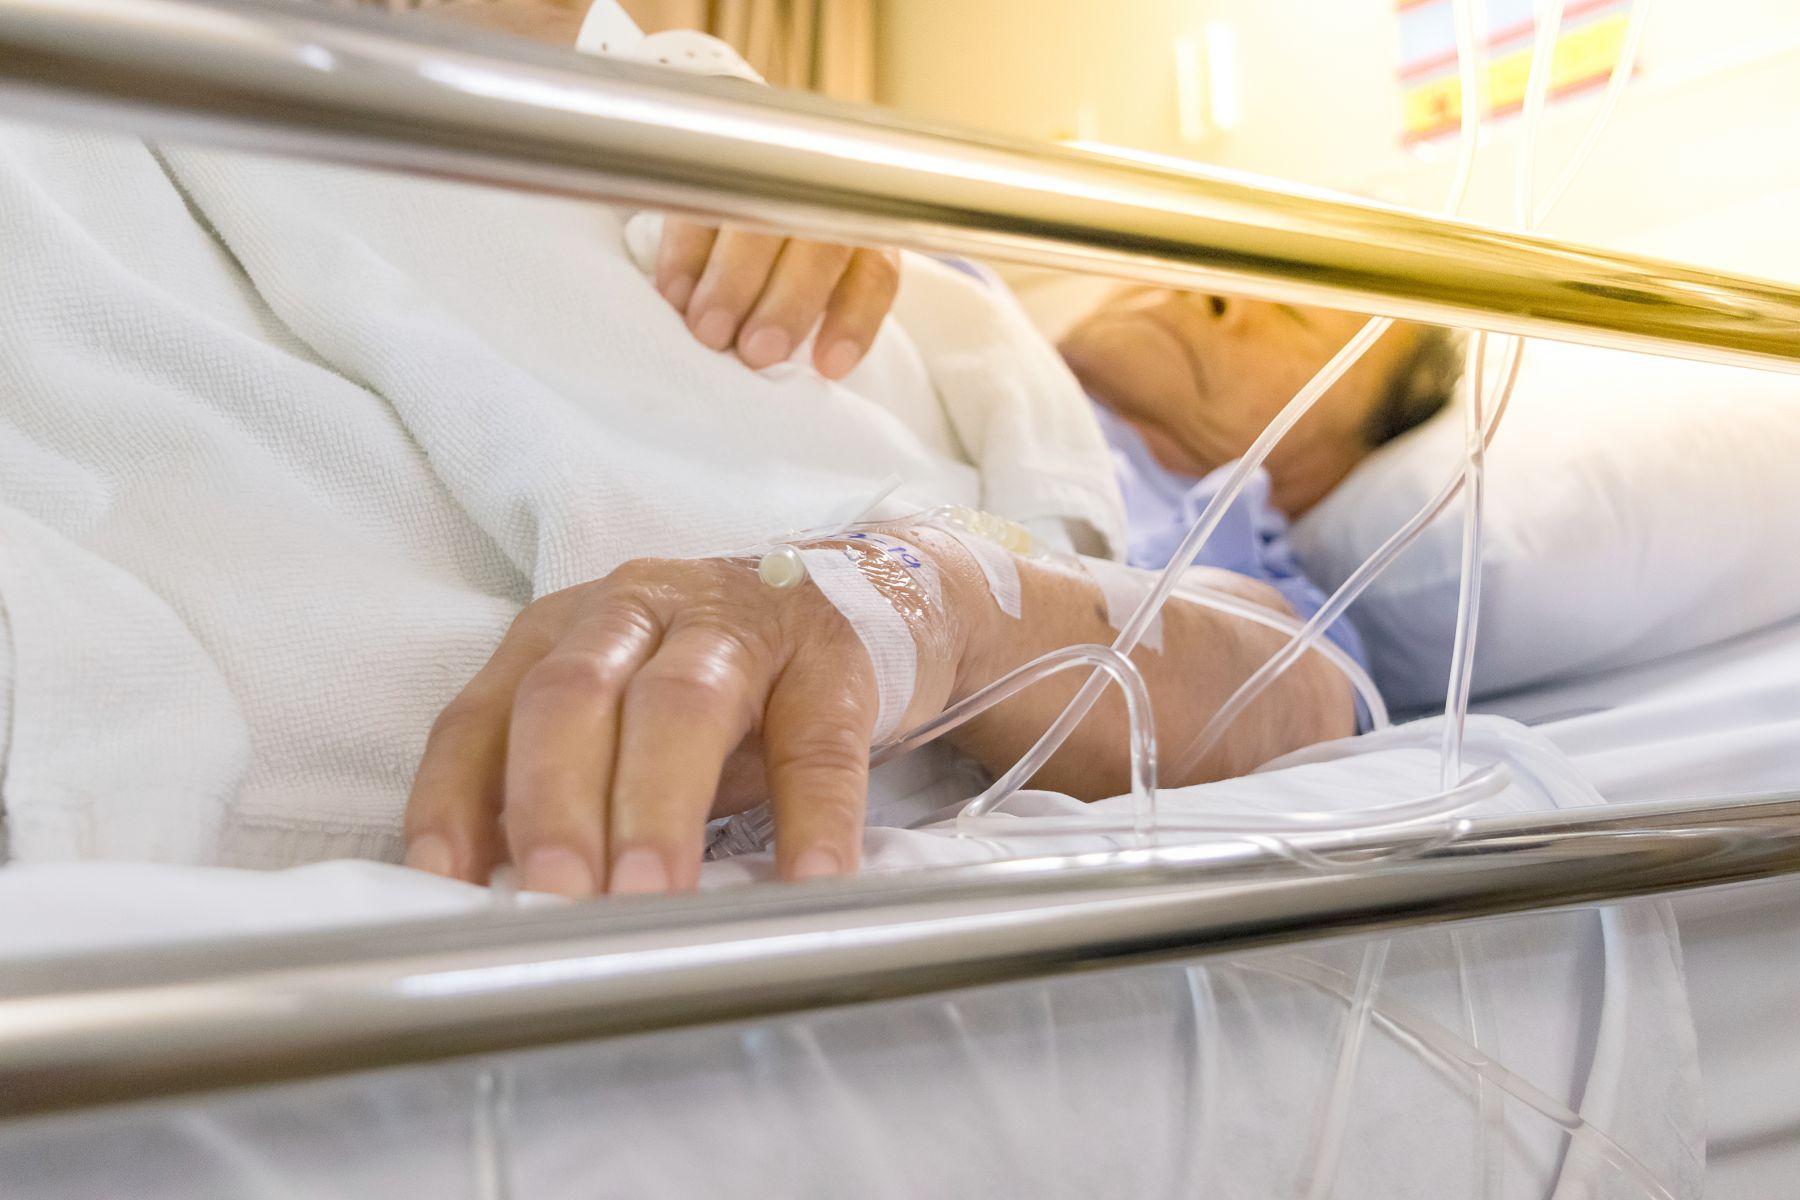 癌症癌末疼痛 治療緩解後 能吃也能睡